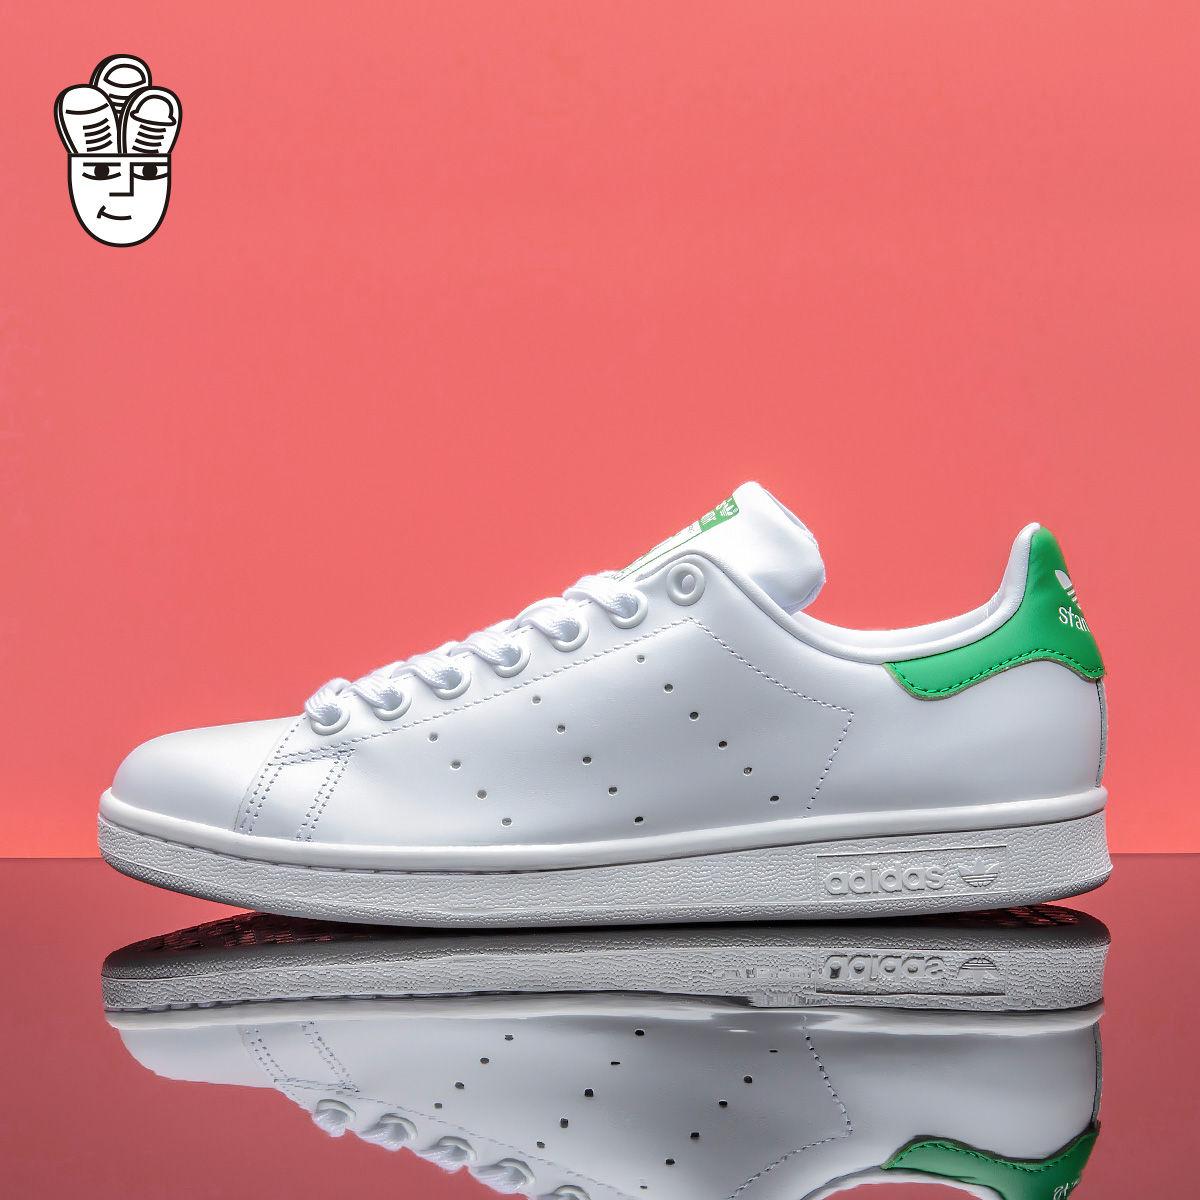 Adidas Stan Smith W 阿迪达斯女子低帮复古板鞋 运动休闲鞋 绿尾